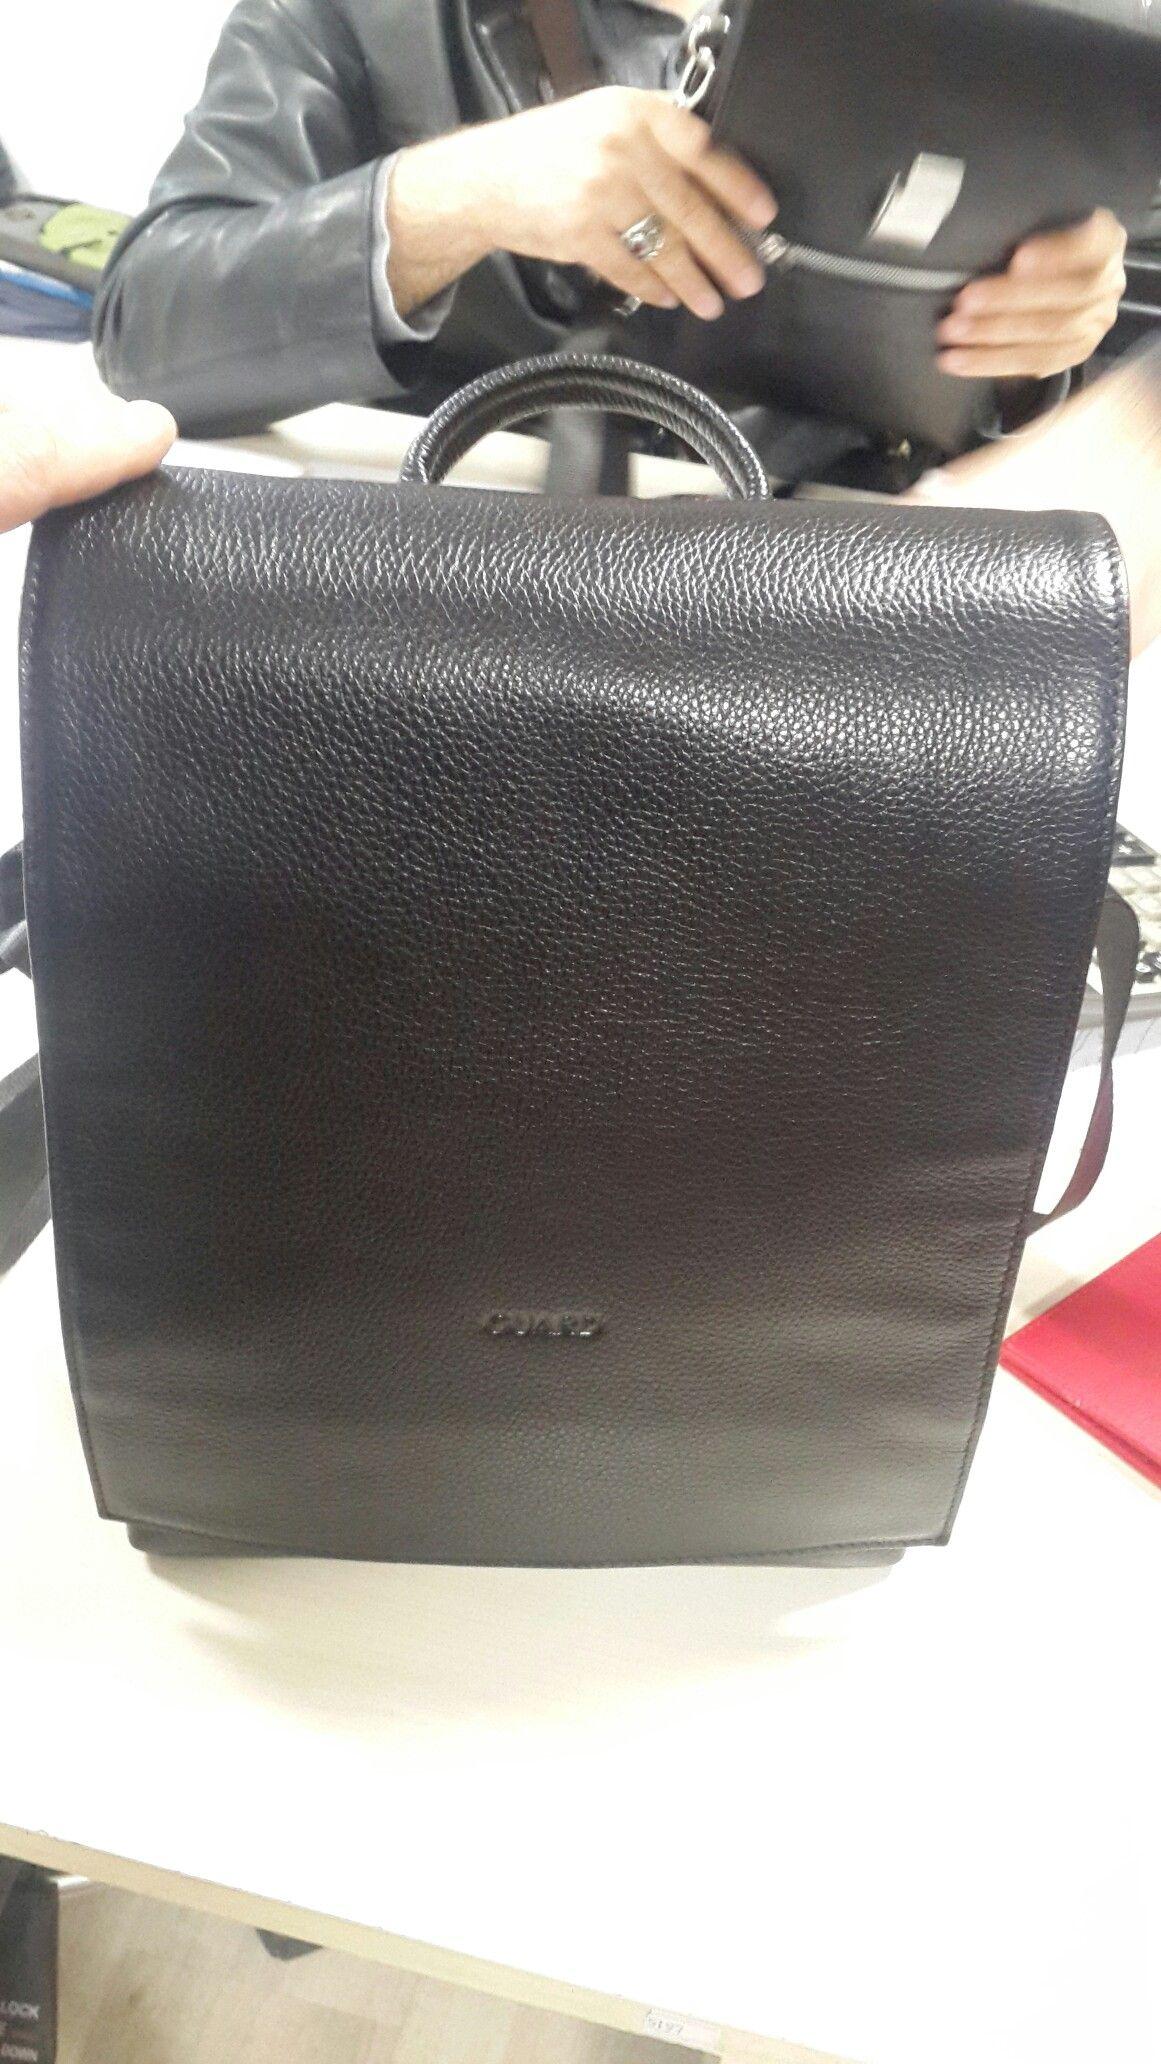 Mehmet Akın iskender adlı kullanıcının leather bag